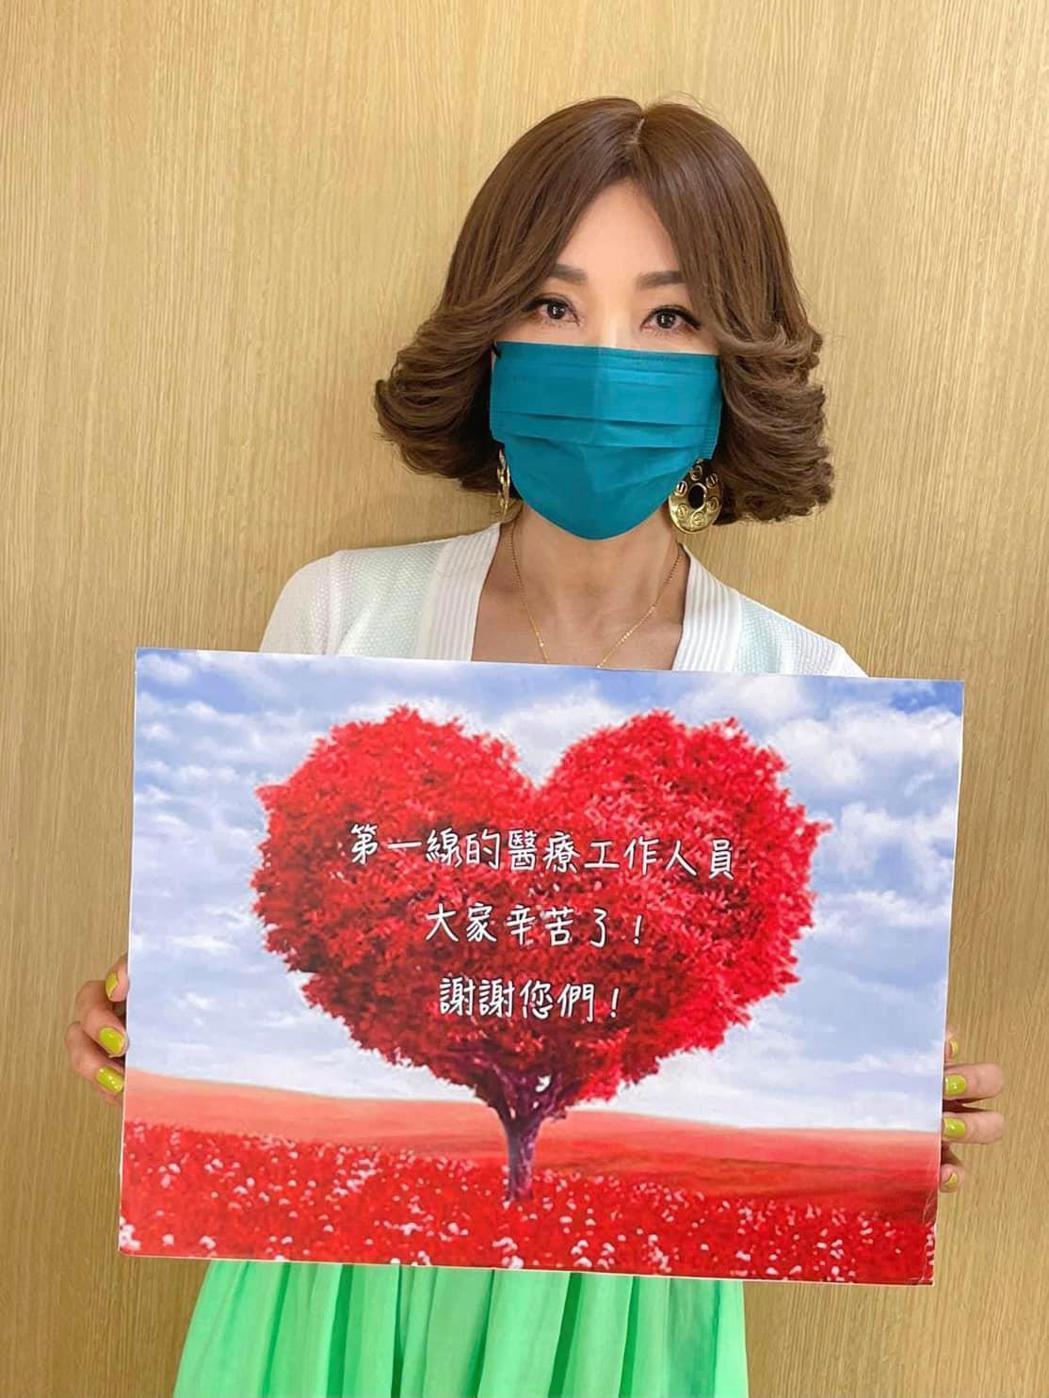 陳美鳳為醫護加油。圖/擷自臉書